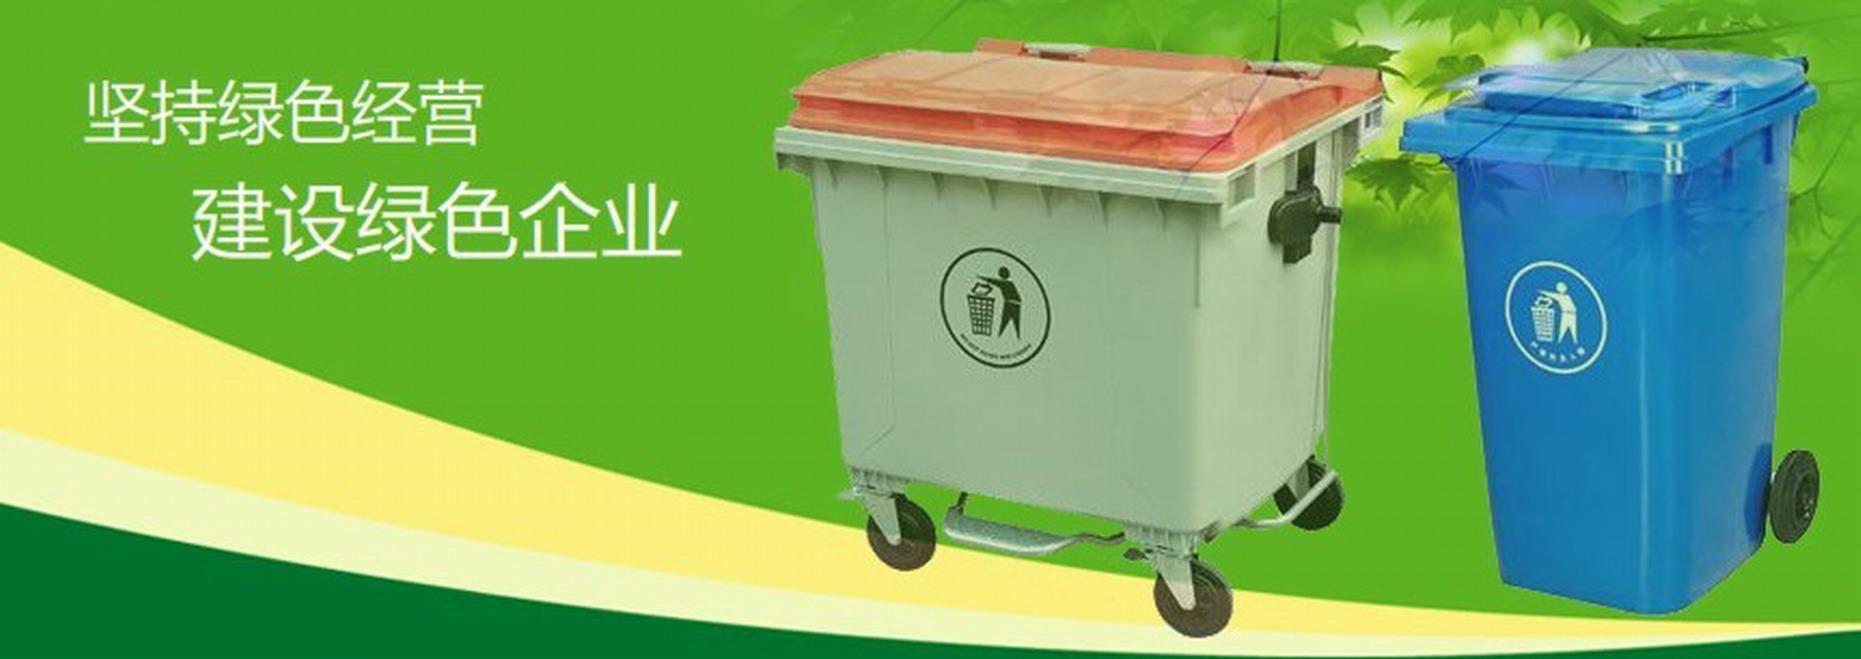 【塑料垃圾桶环保垃圾桶图片大全】塑料垃圾桶环保桶